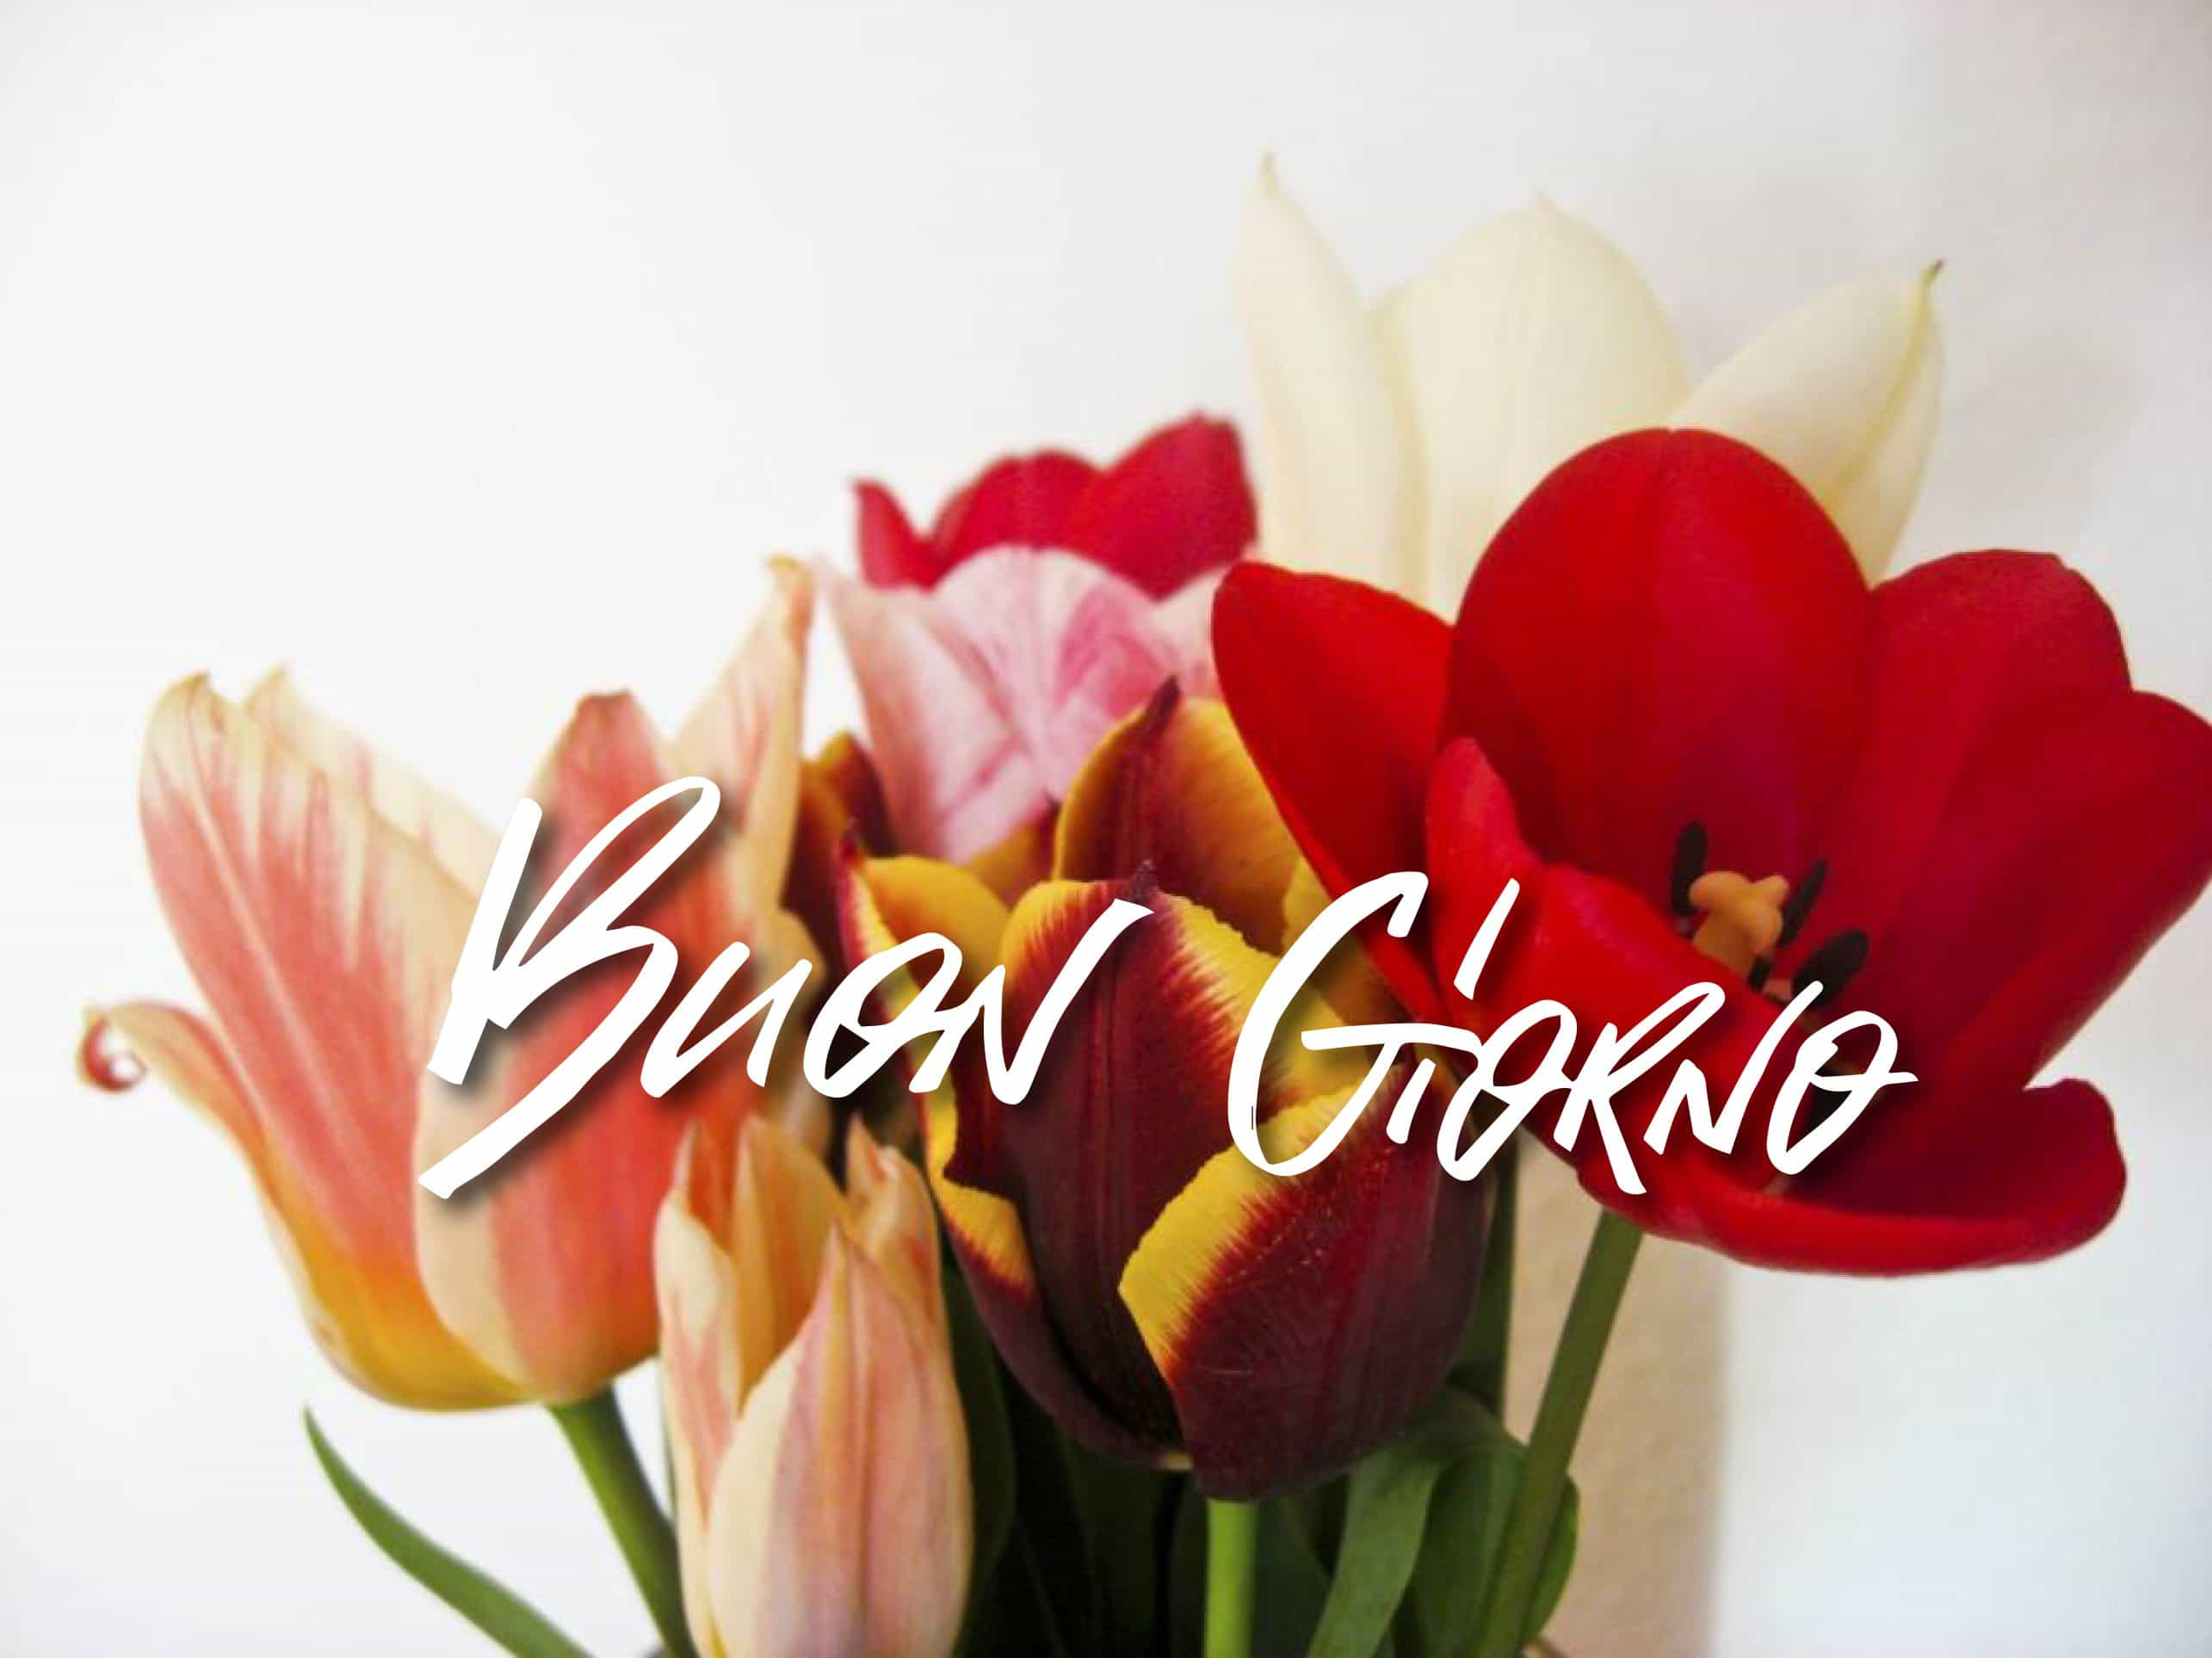 Buon giorno con fiori foto